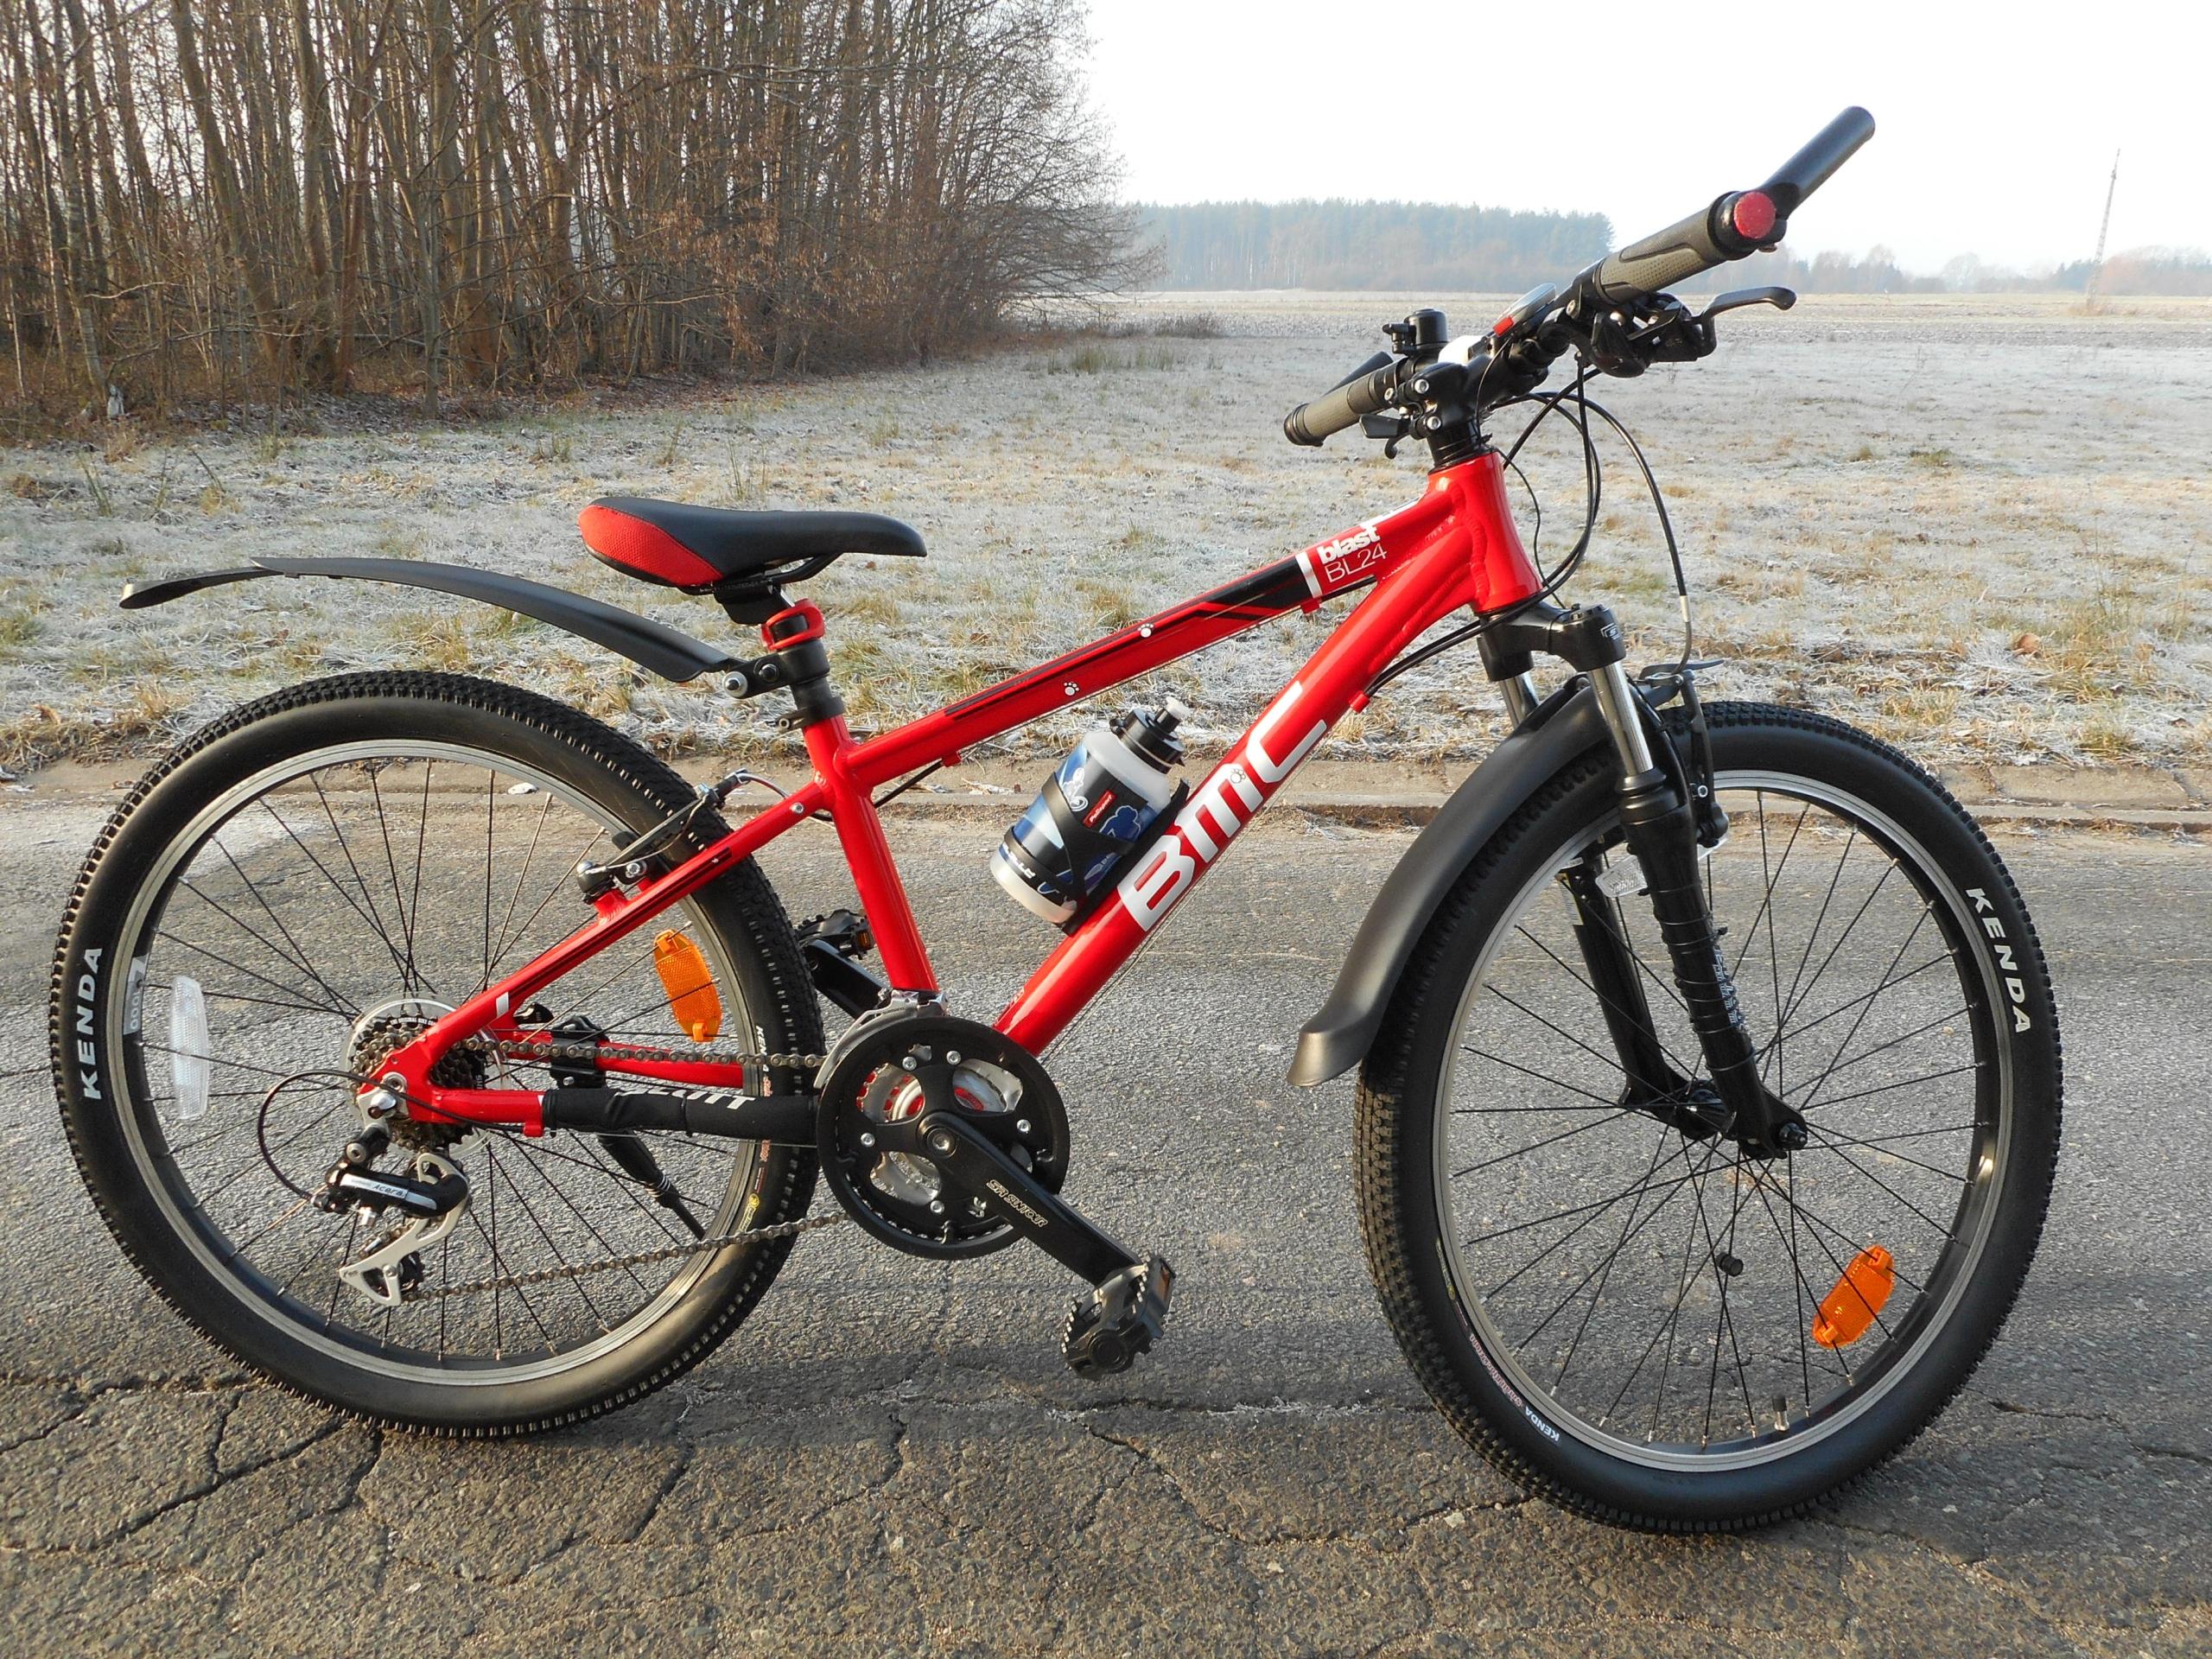 Firmowy rower BMC koła 24 21 biegów idealny